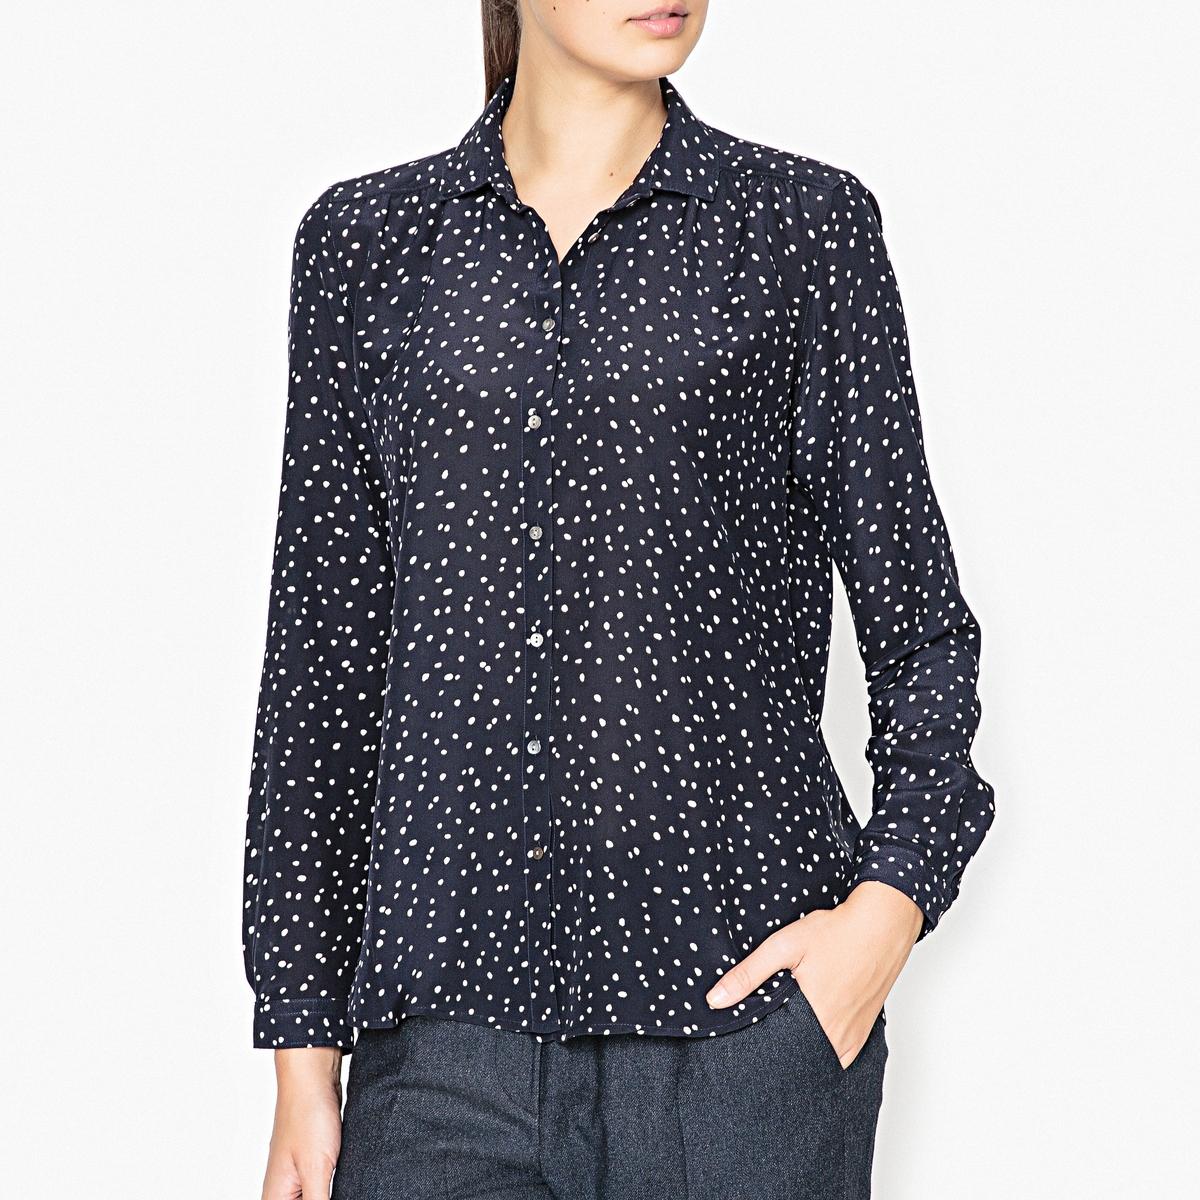 Рубашка CLAUDEРубашка  HARTFORD - модель  CLAUDEДетали •  Длинные рукава •  Прямой покрой  •  Воротник-поло, рубашечный  •  Цветочный рисунок   •  Кончики воротника на пуговицахСостав и уход •  100% шелк •  Следуйте советам по уходу, указанным на этикетке<br><br>Цвет: темно-синий